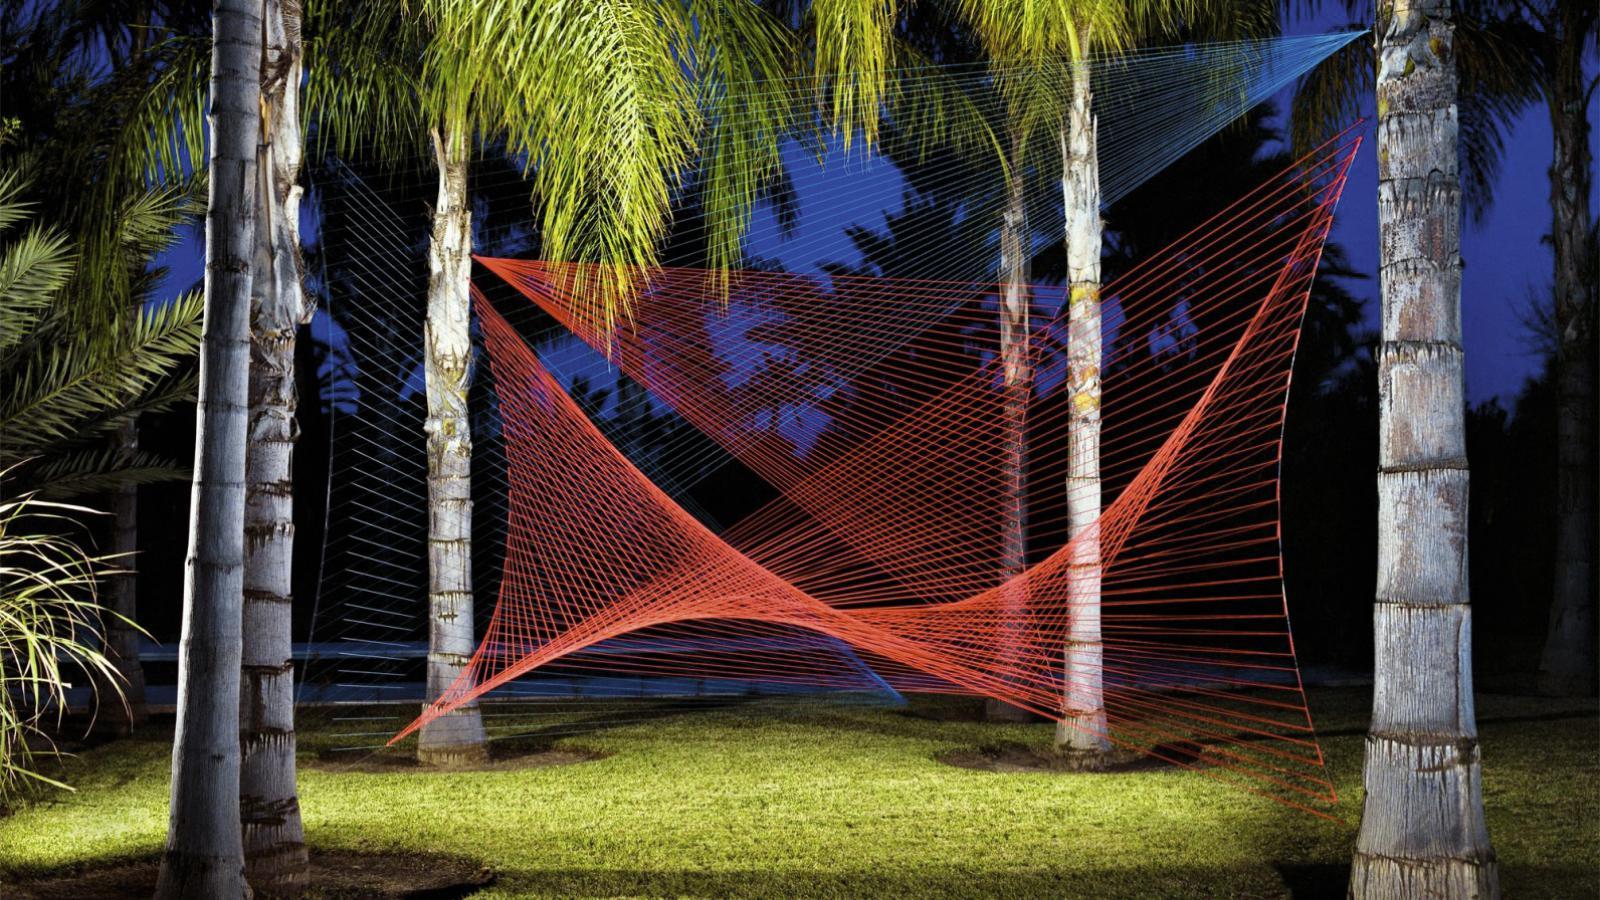 Sébastien Preschoux / Miami Vice, 2012